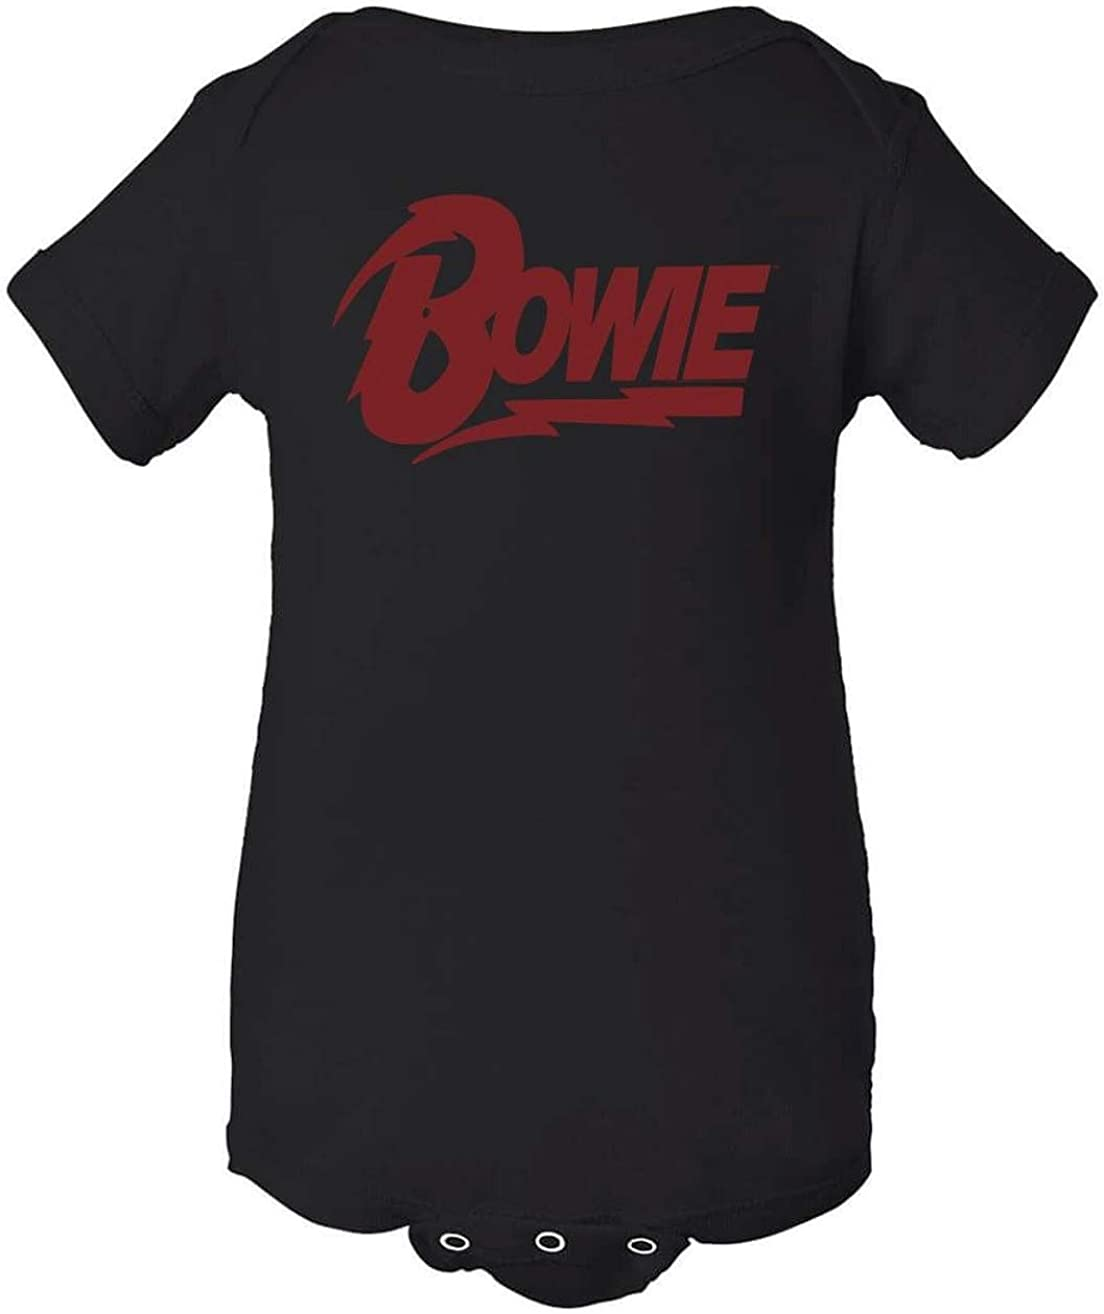 超特価 David Bowie Logo Piece One 売買